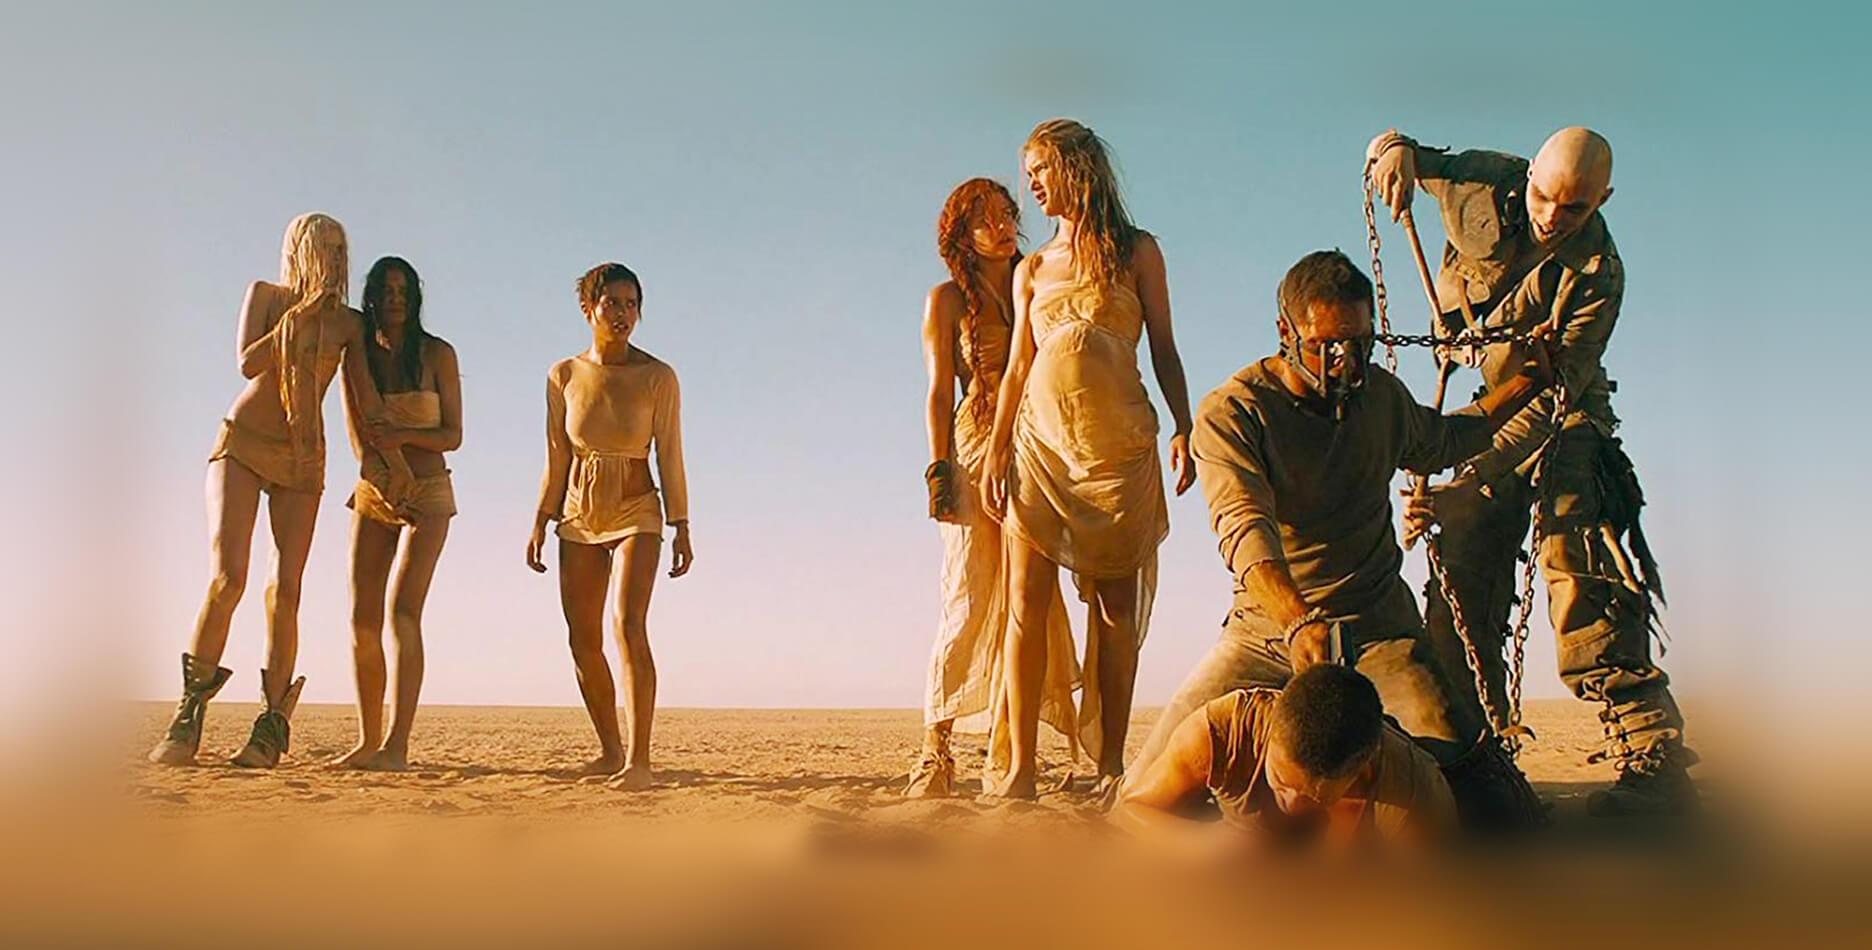 8部跟《流浪地球》一样硬核的末日科幻片,你看过几部?